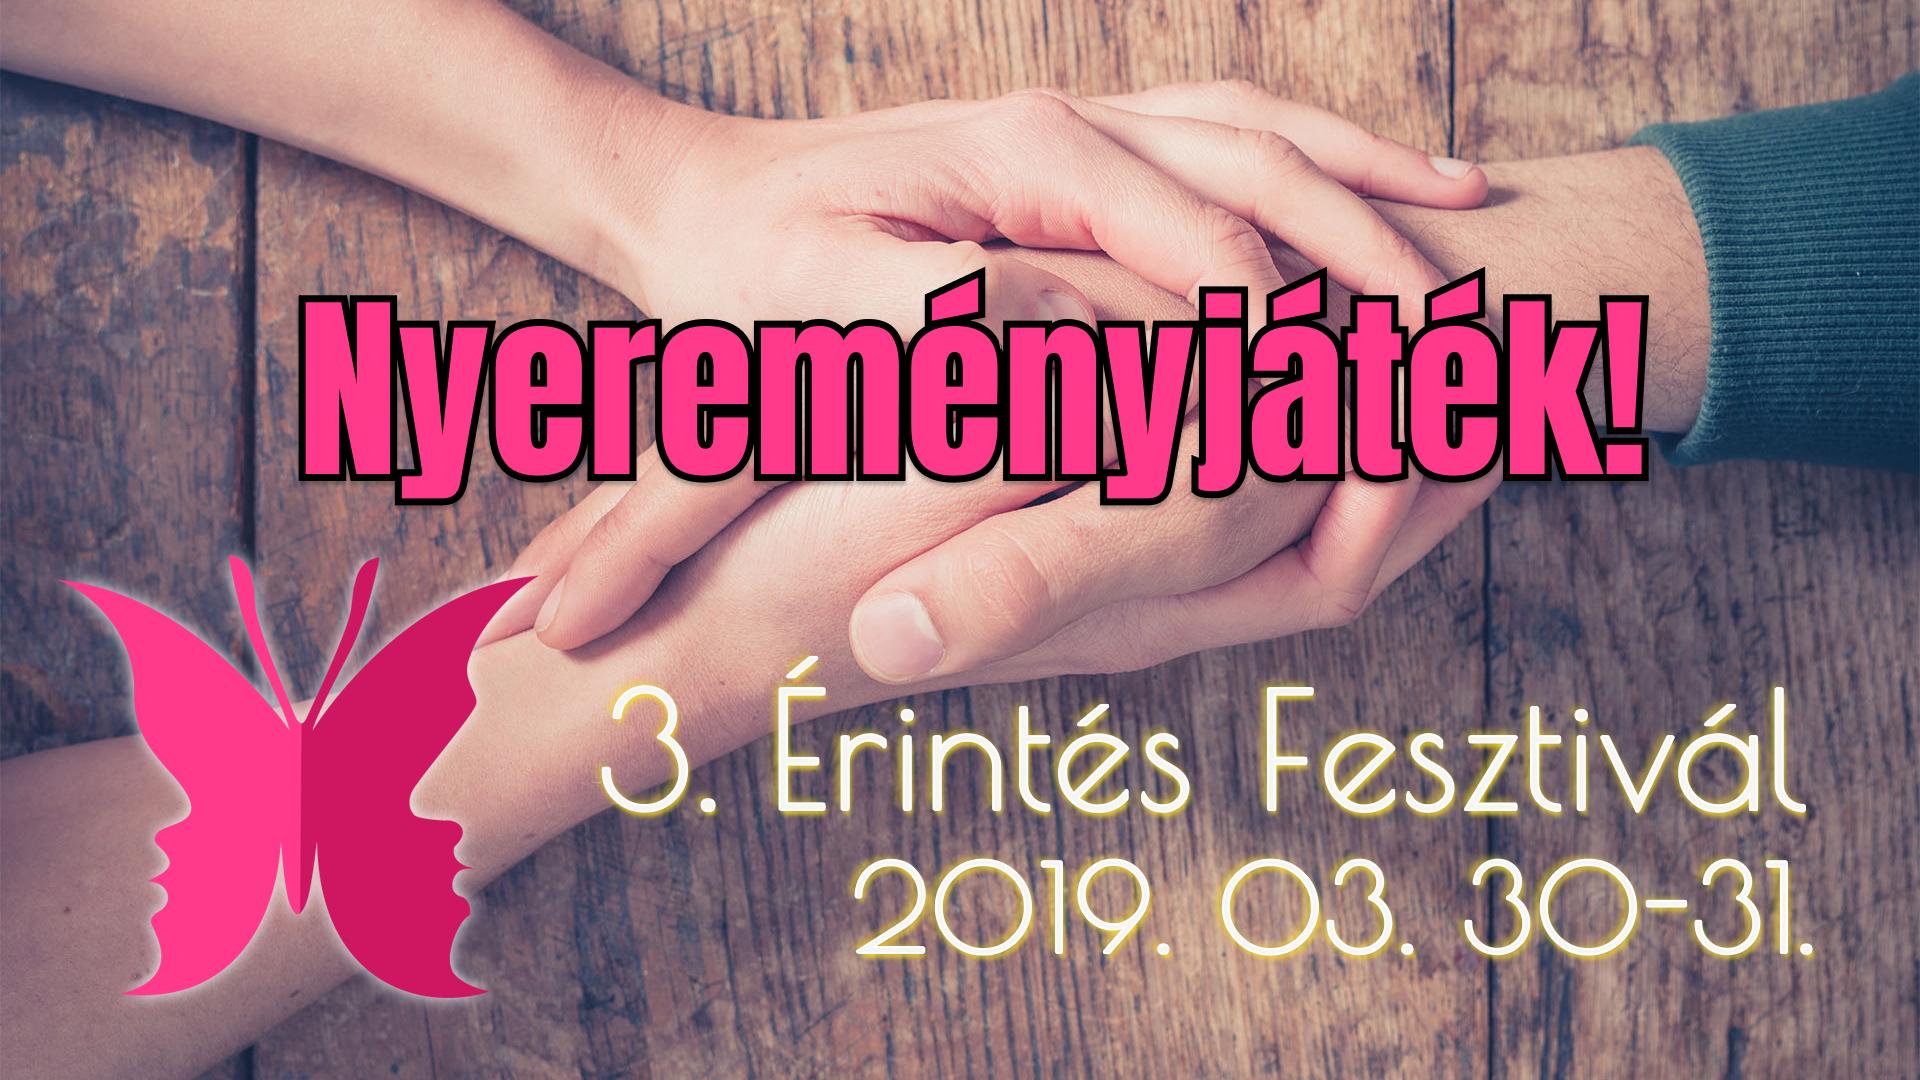 erintes_fesztival_nyeremenyjatek_2019.png